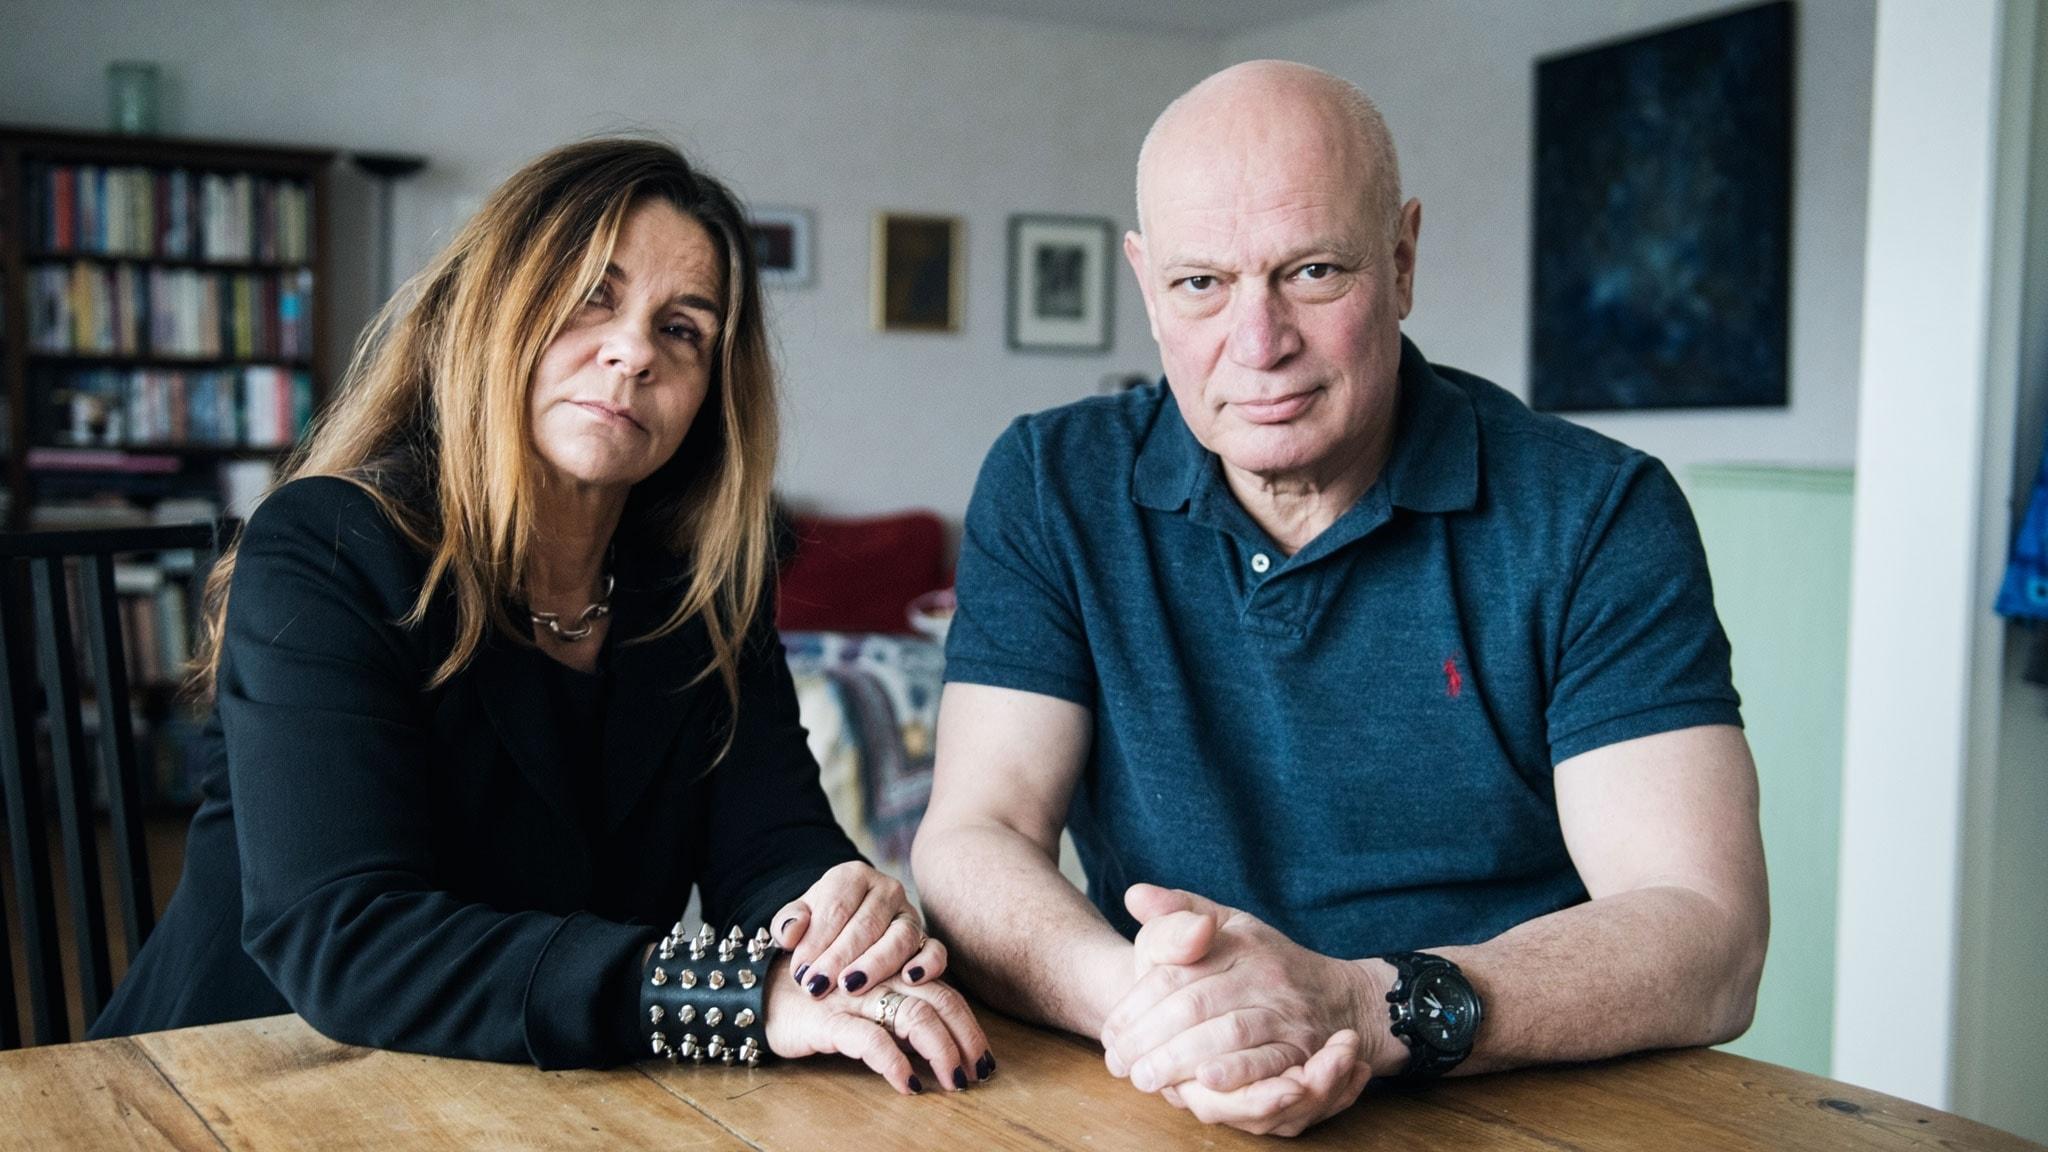 Katarina Hahr möter journalisten Robert Aschberg i ett samtal om rädsla